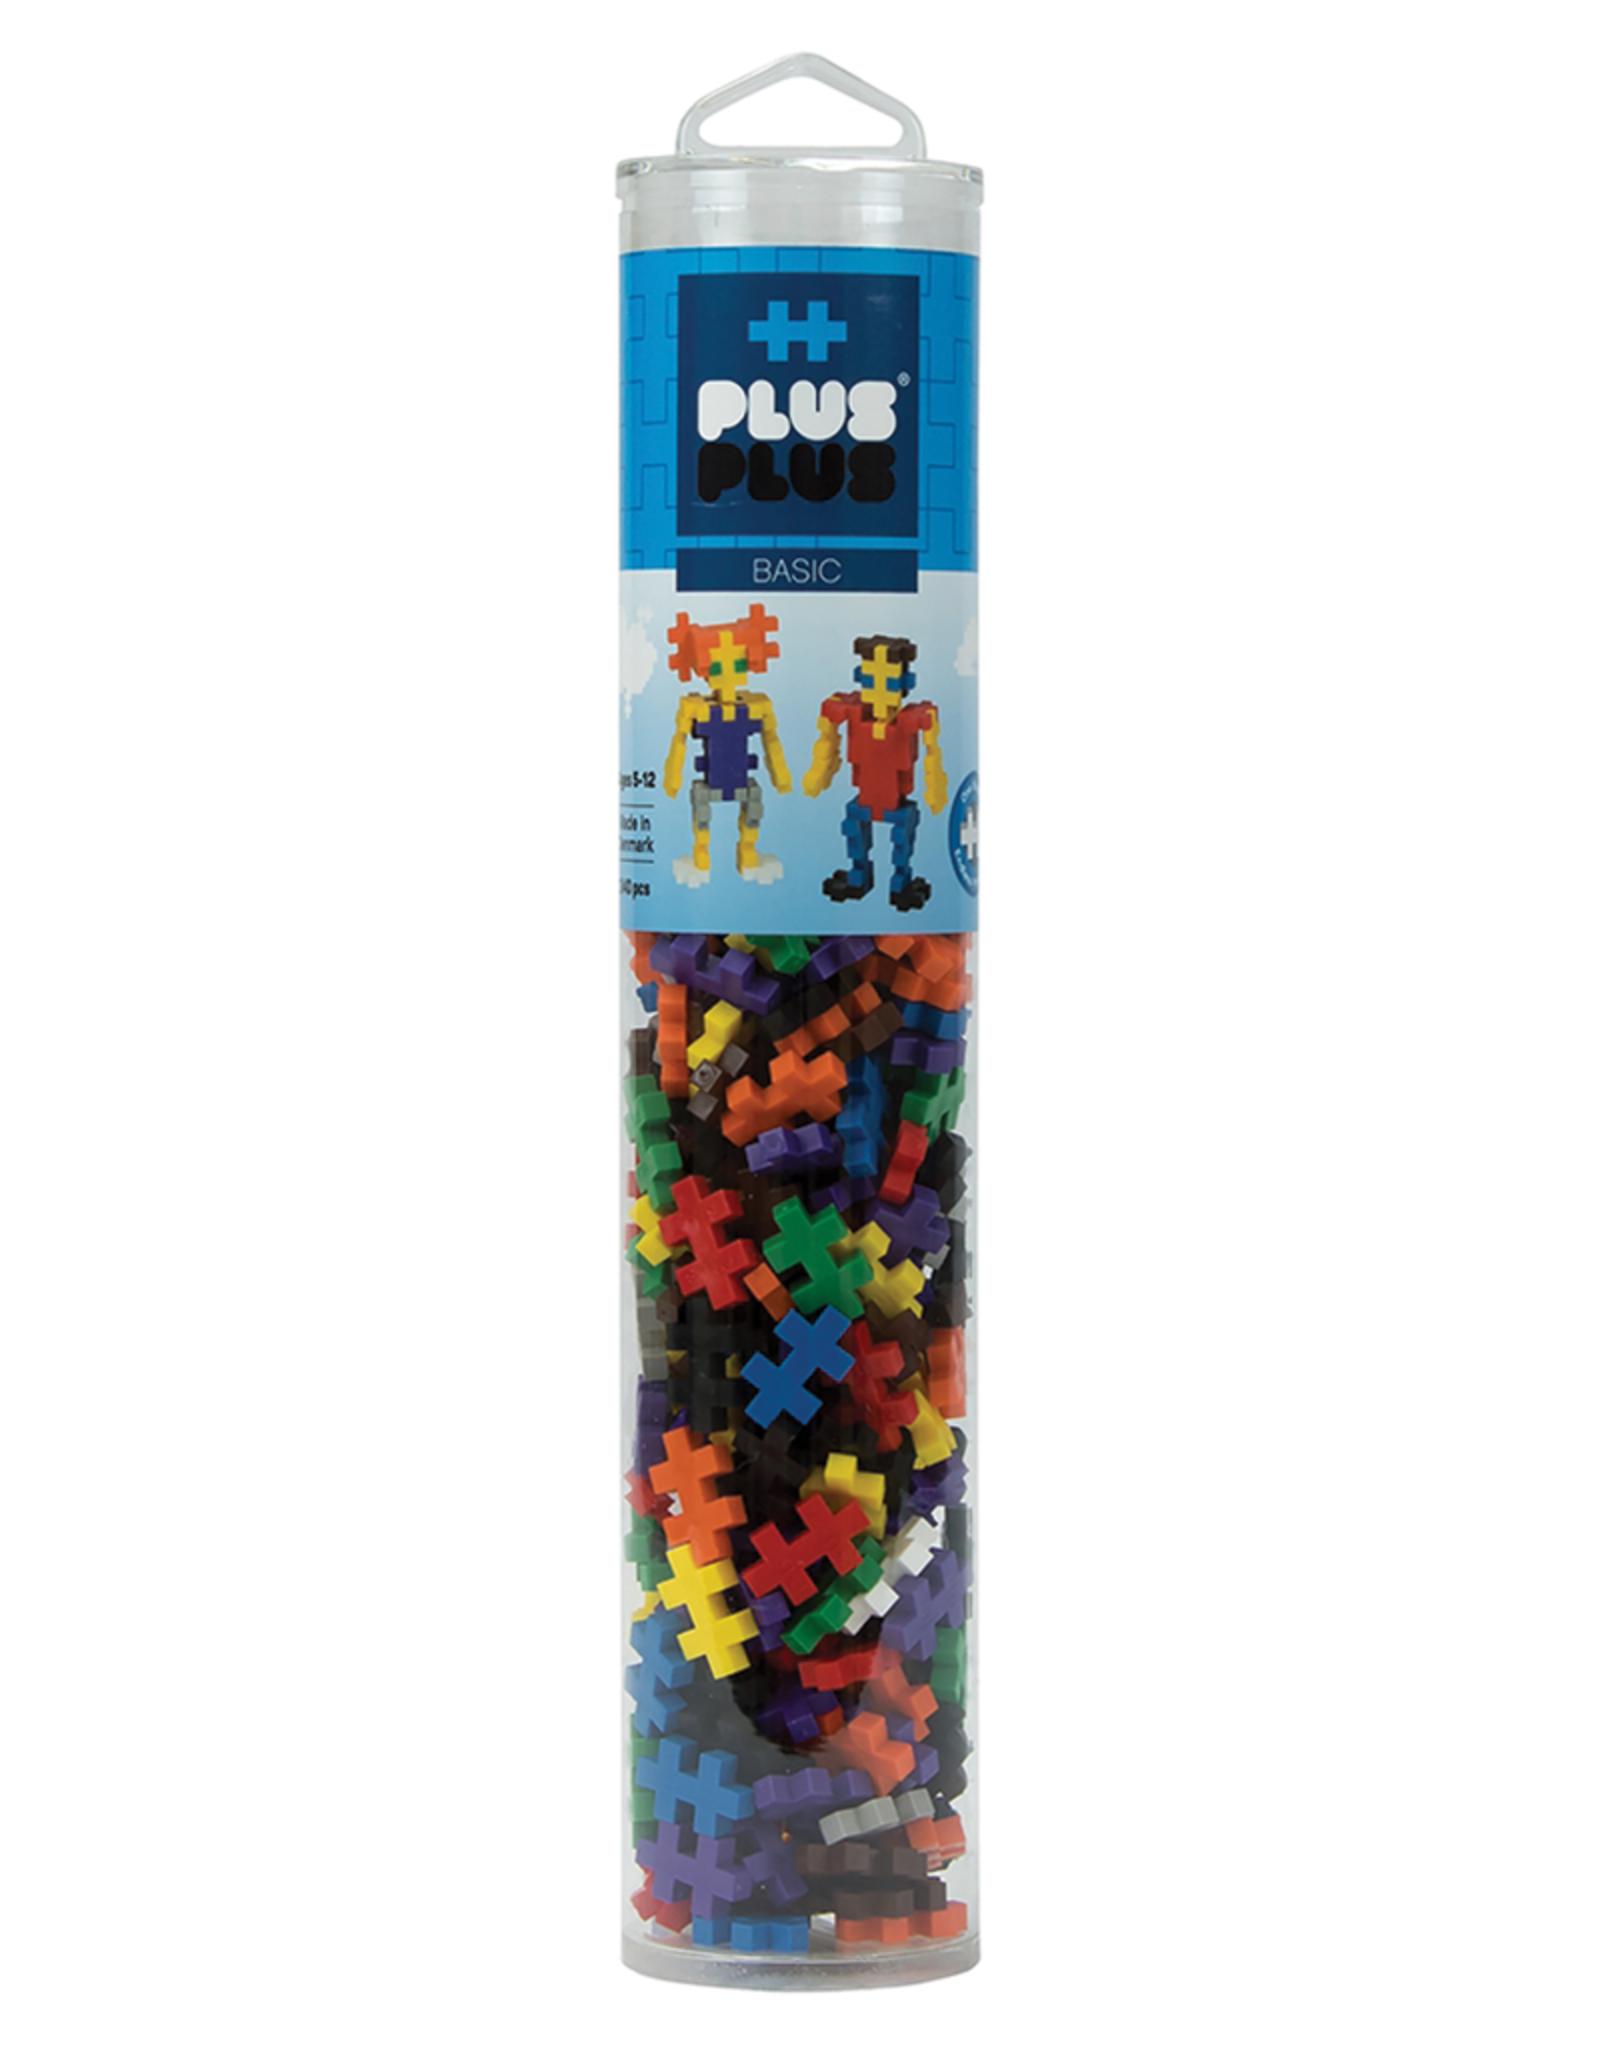 Plus-Plus Plus Plus Tube, 240 pc Basic